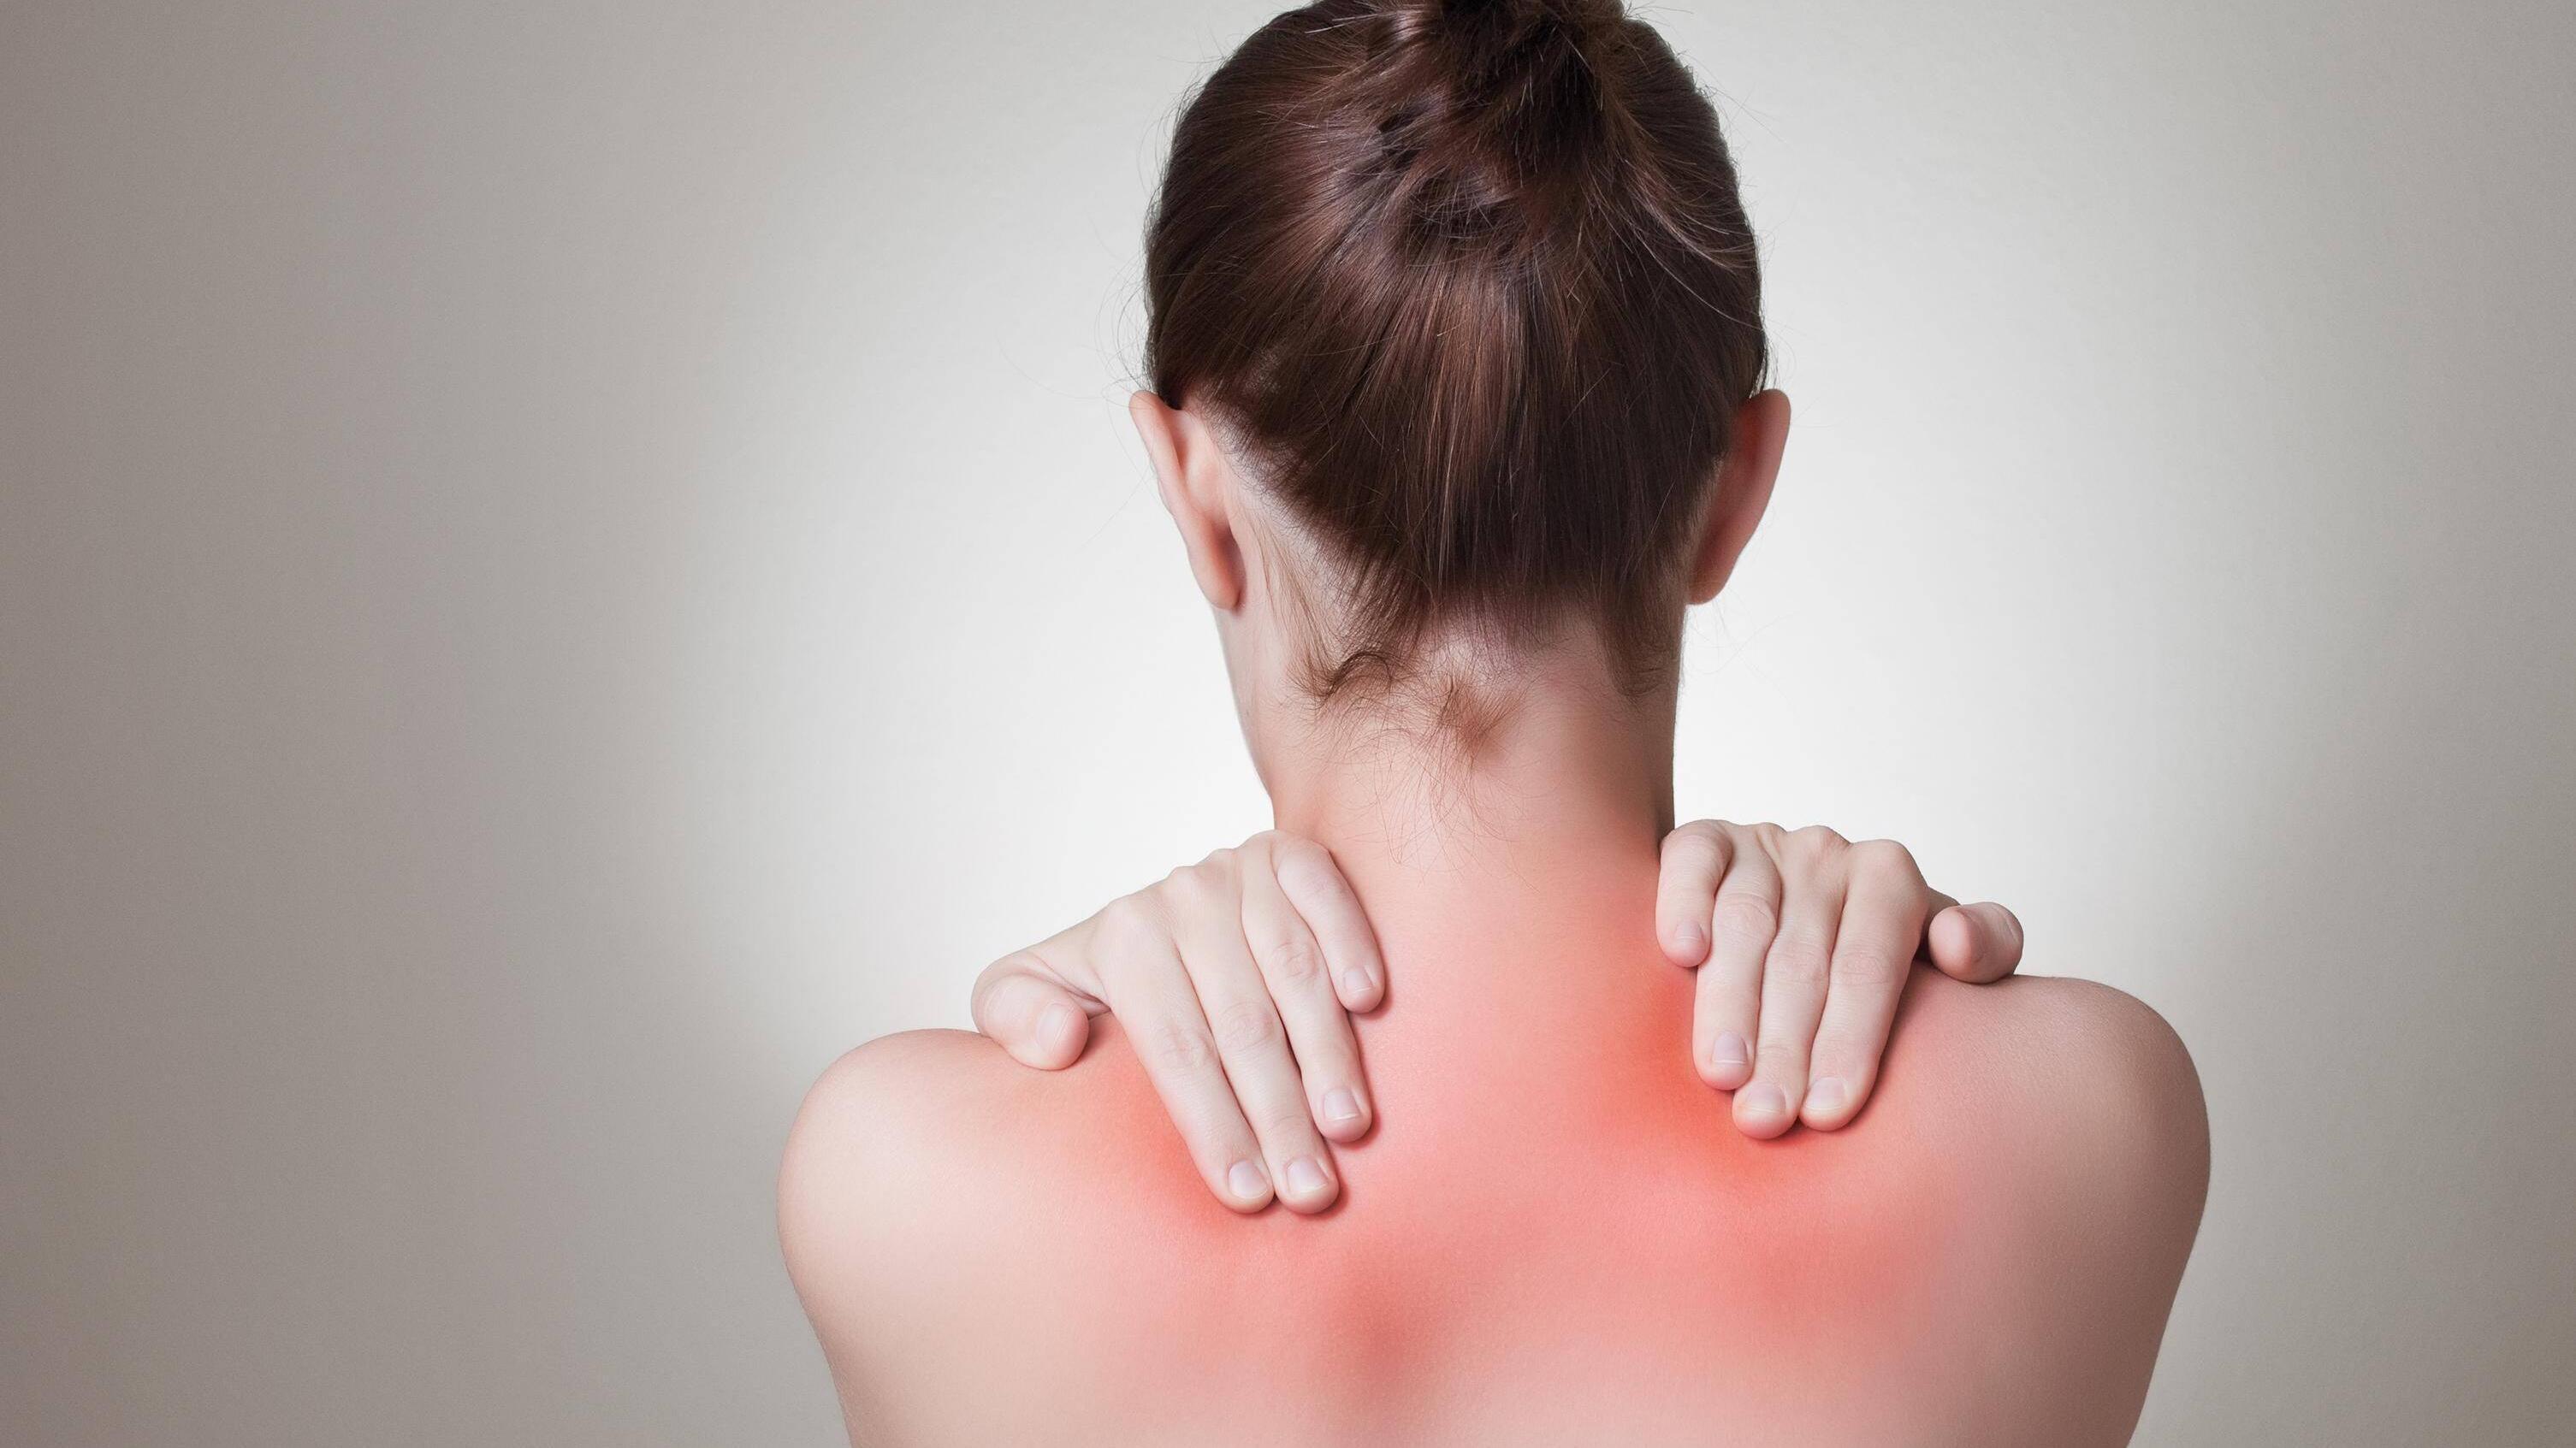 Sonnenbrand Verlauf: Das passiert mit der Haut